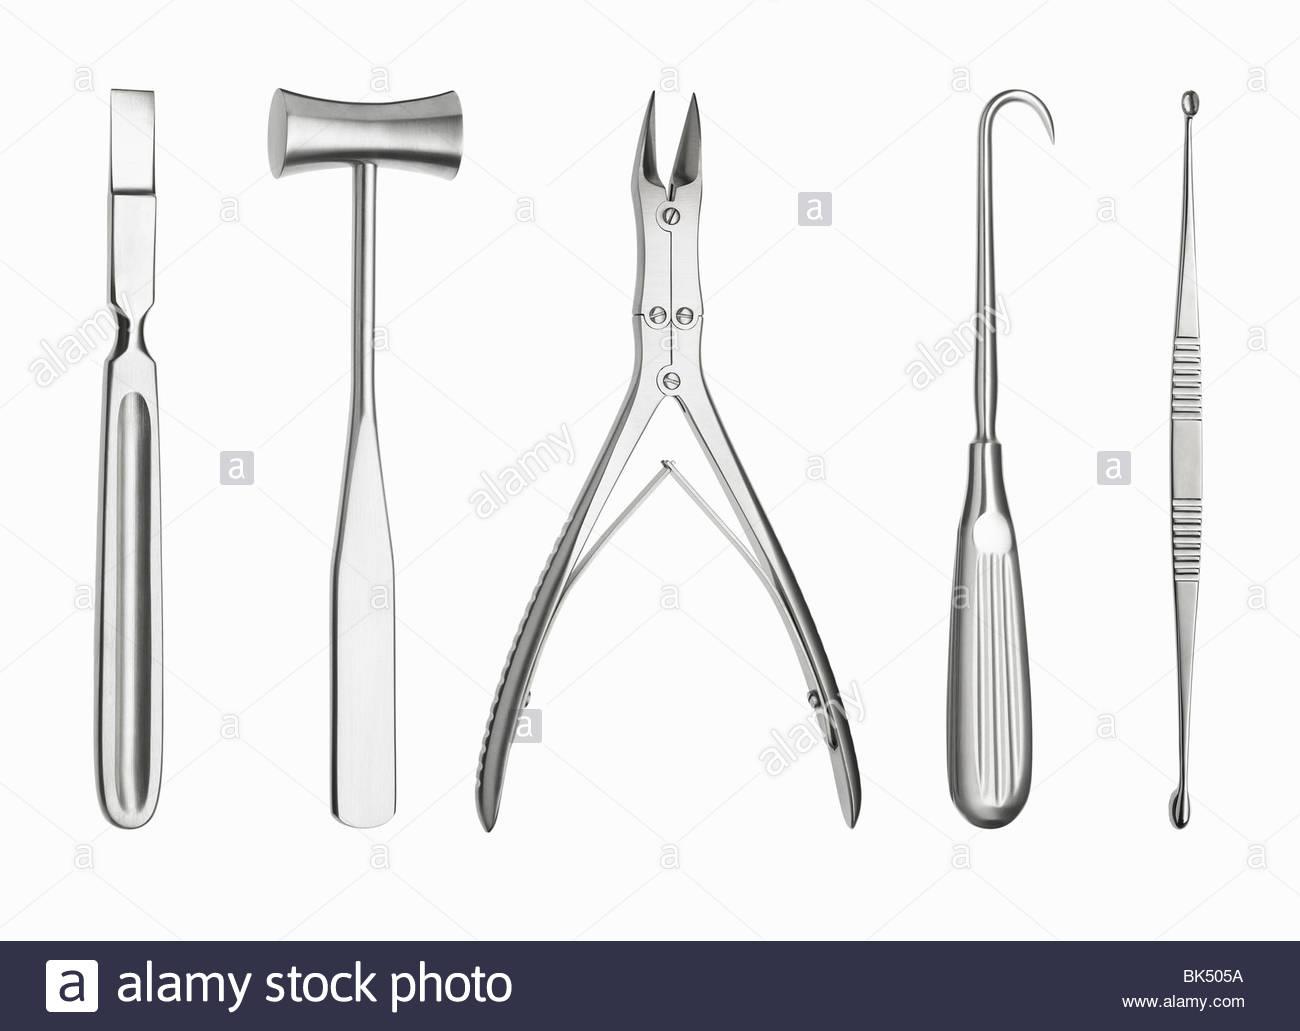 Outils chirurgicaux dans une rangée Photo Stock